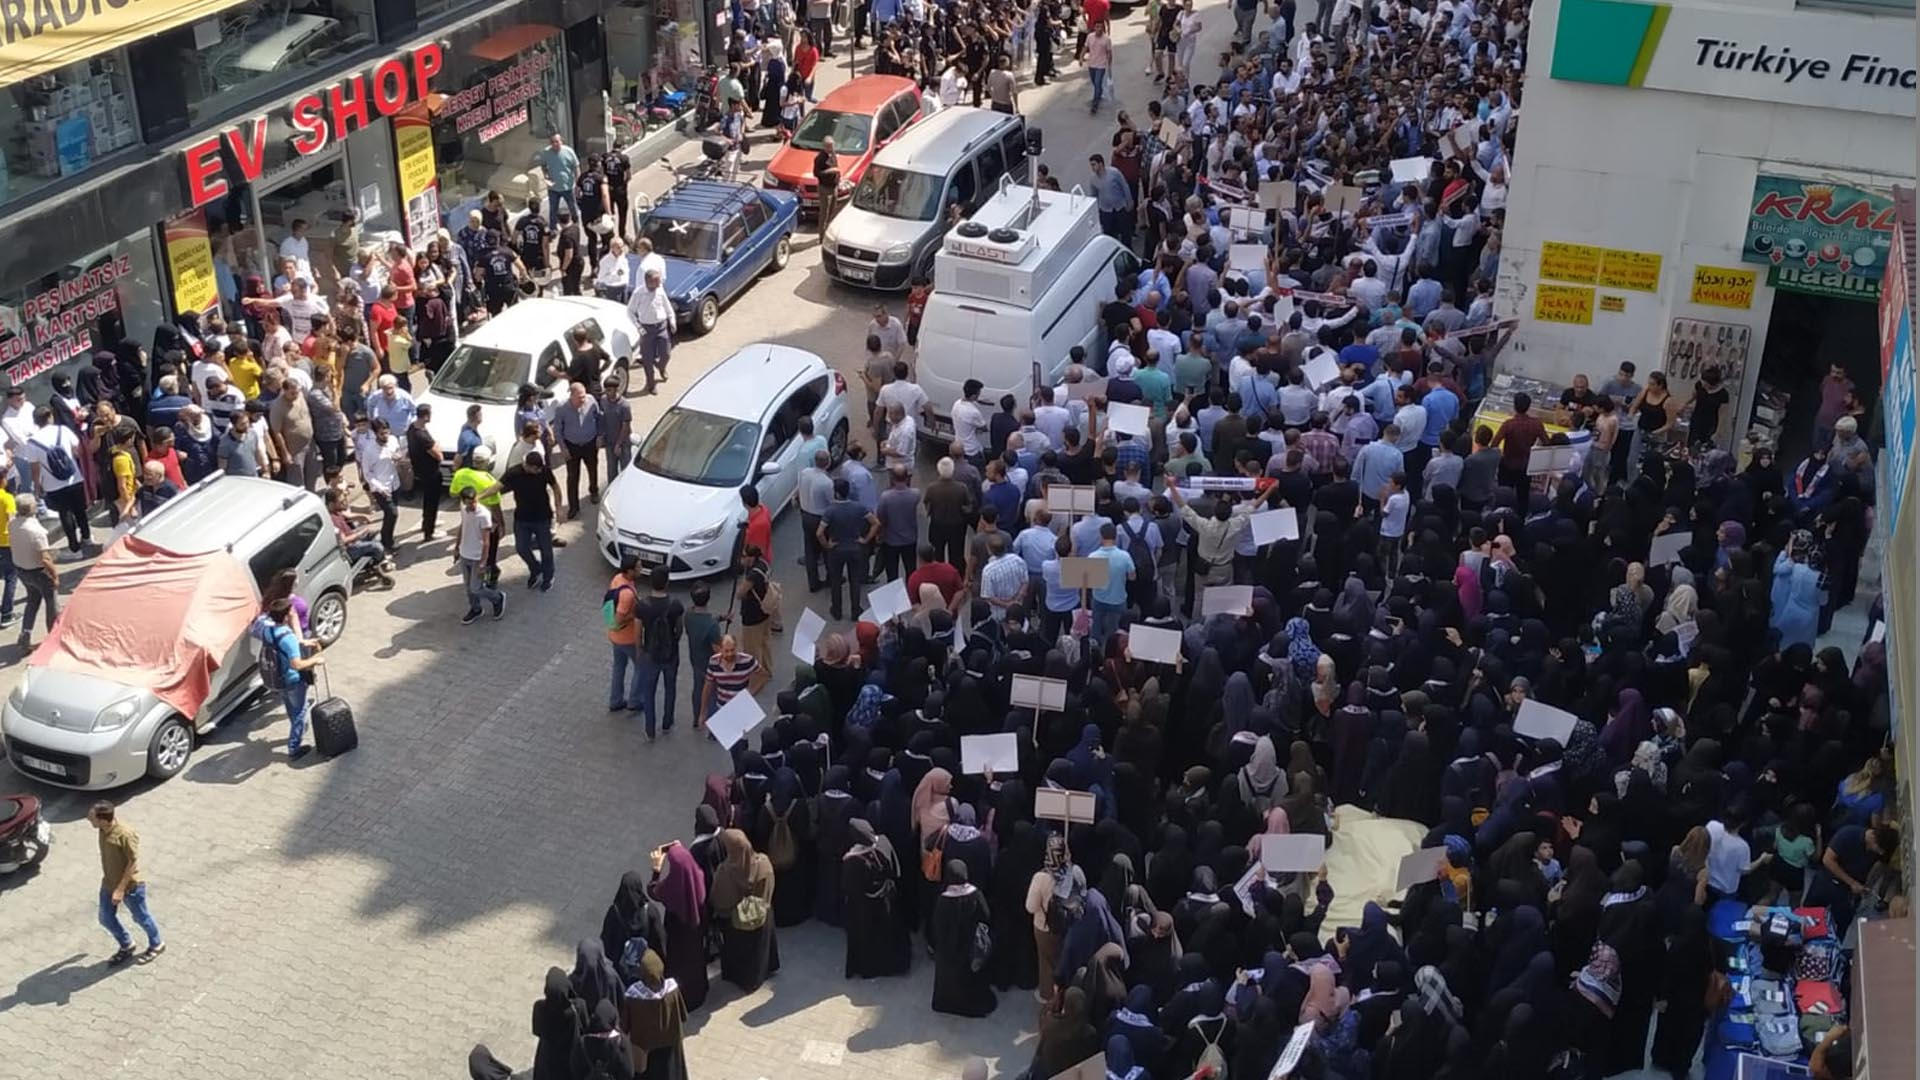 Furkan Gönüllülerinden Tutukluluk Kararına Tepki: Zalime Boyun Eğmeyeceğiz!